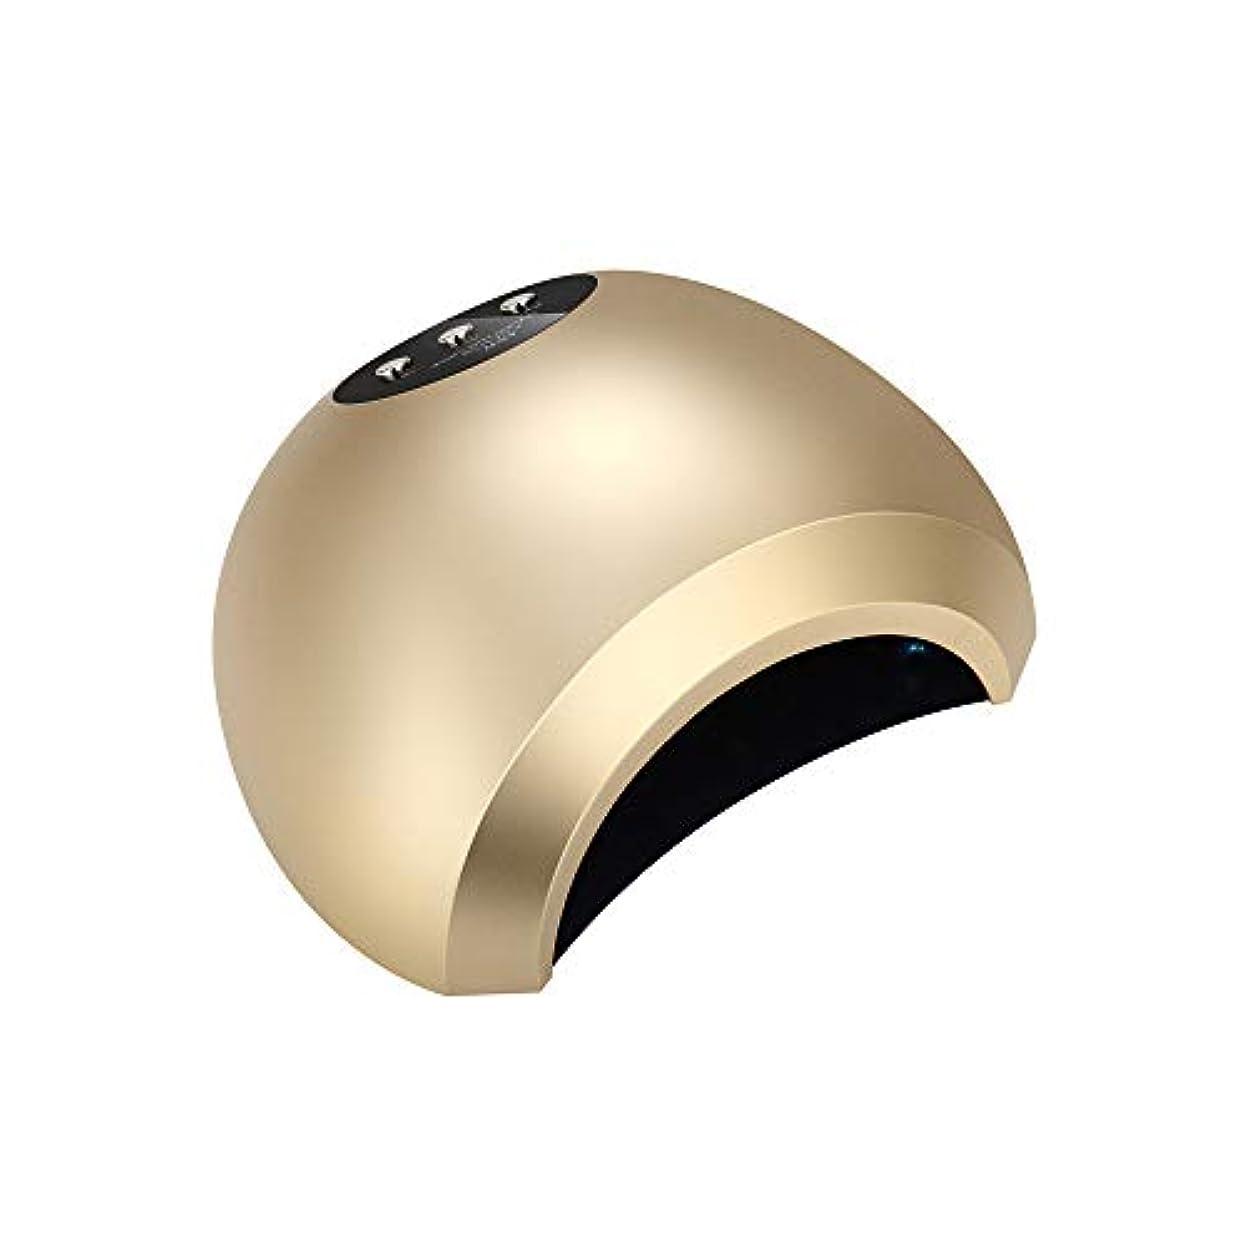 トーンロボット以下48Wインテリジェント誘導デュアル光源放熱無痛速乾性光線療法ランプネイルポリッシュグルーライト速乾性ドライヤーネイルポリッシュUVランプ